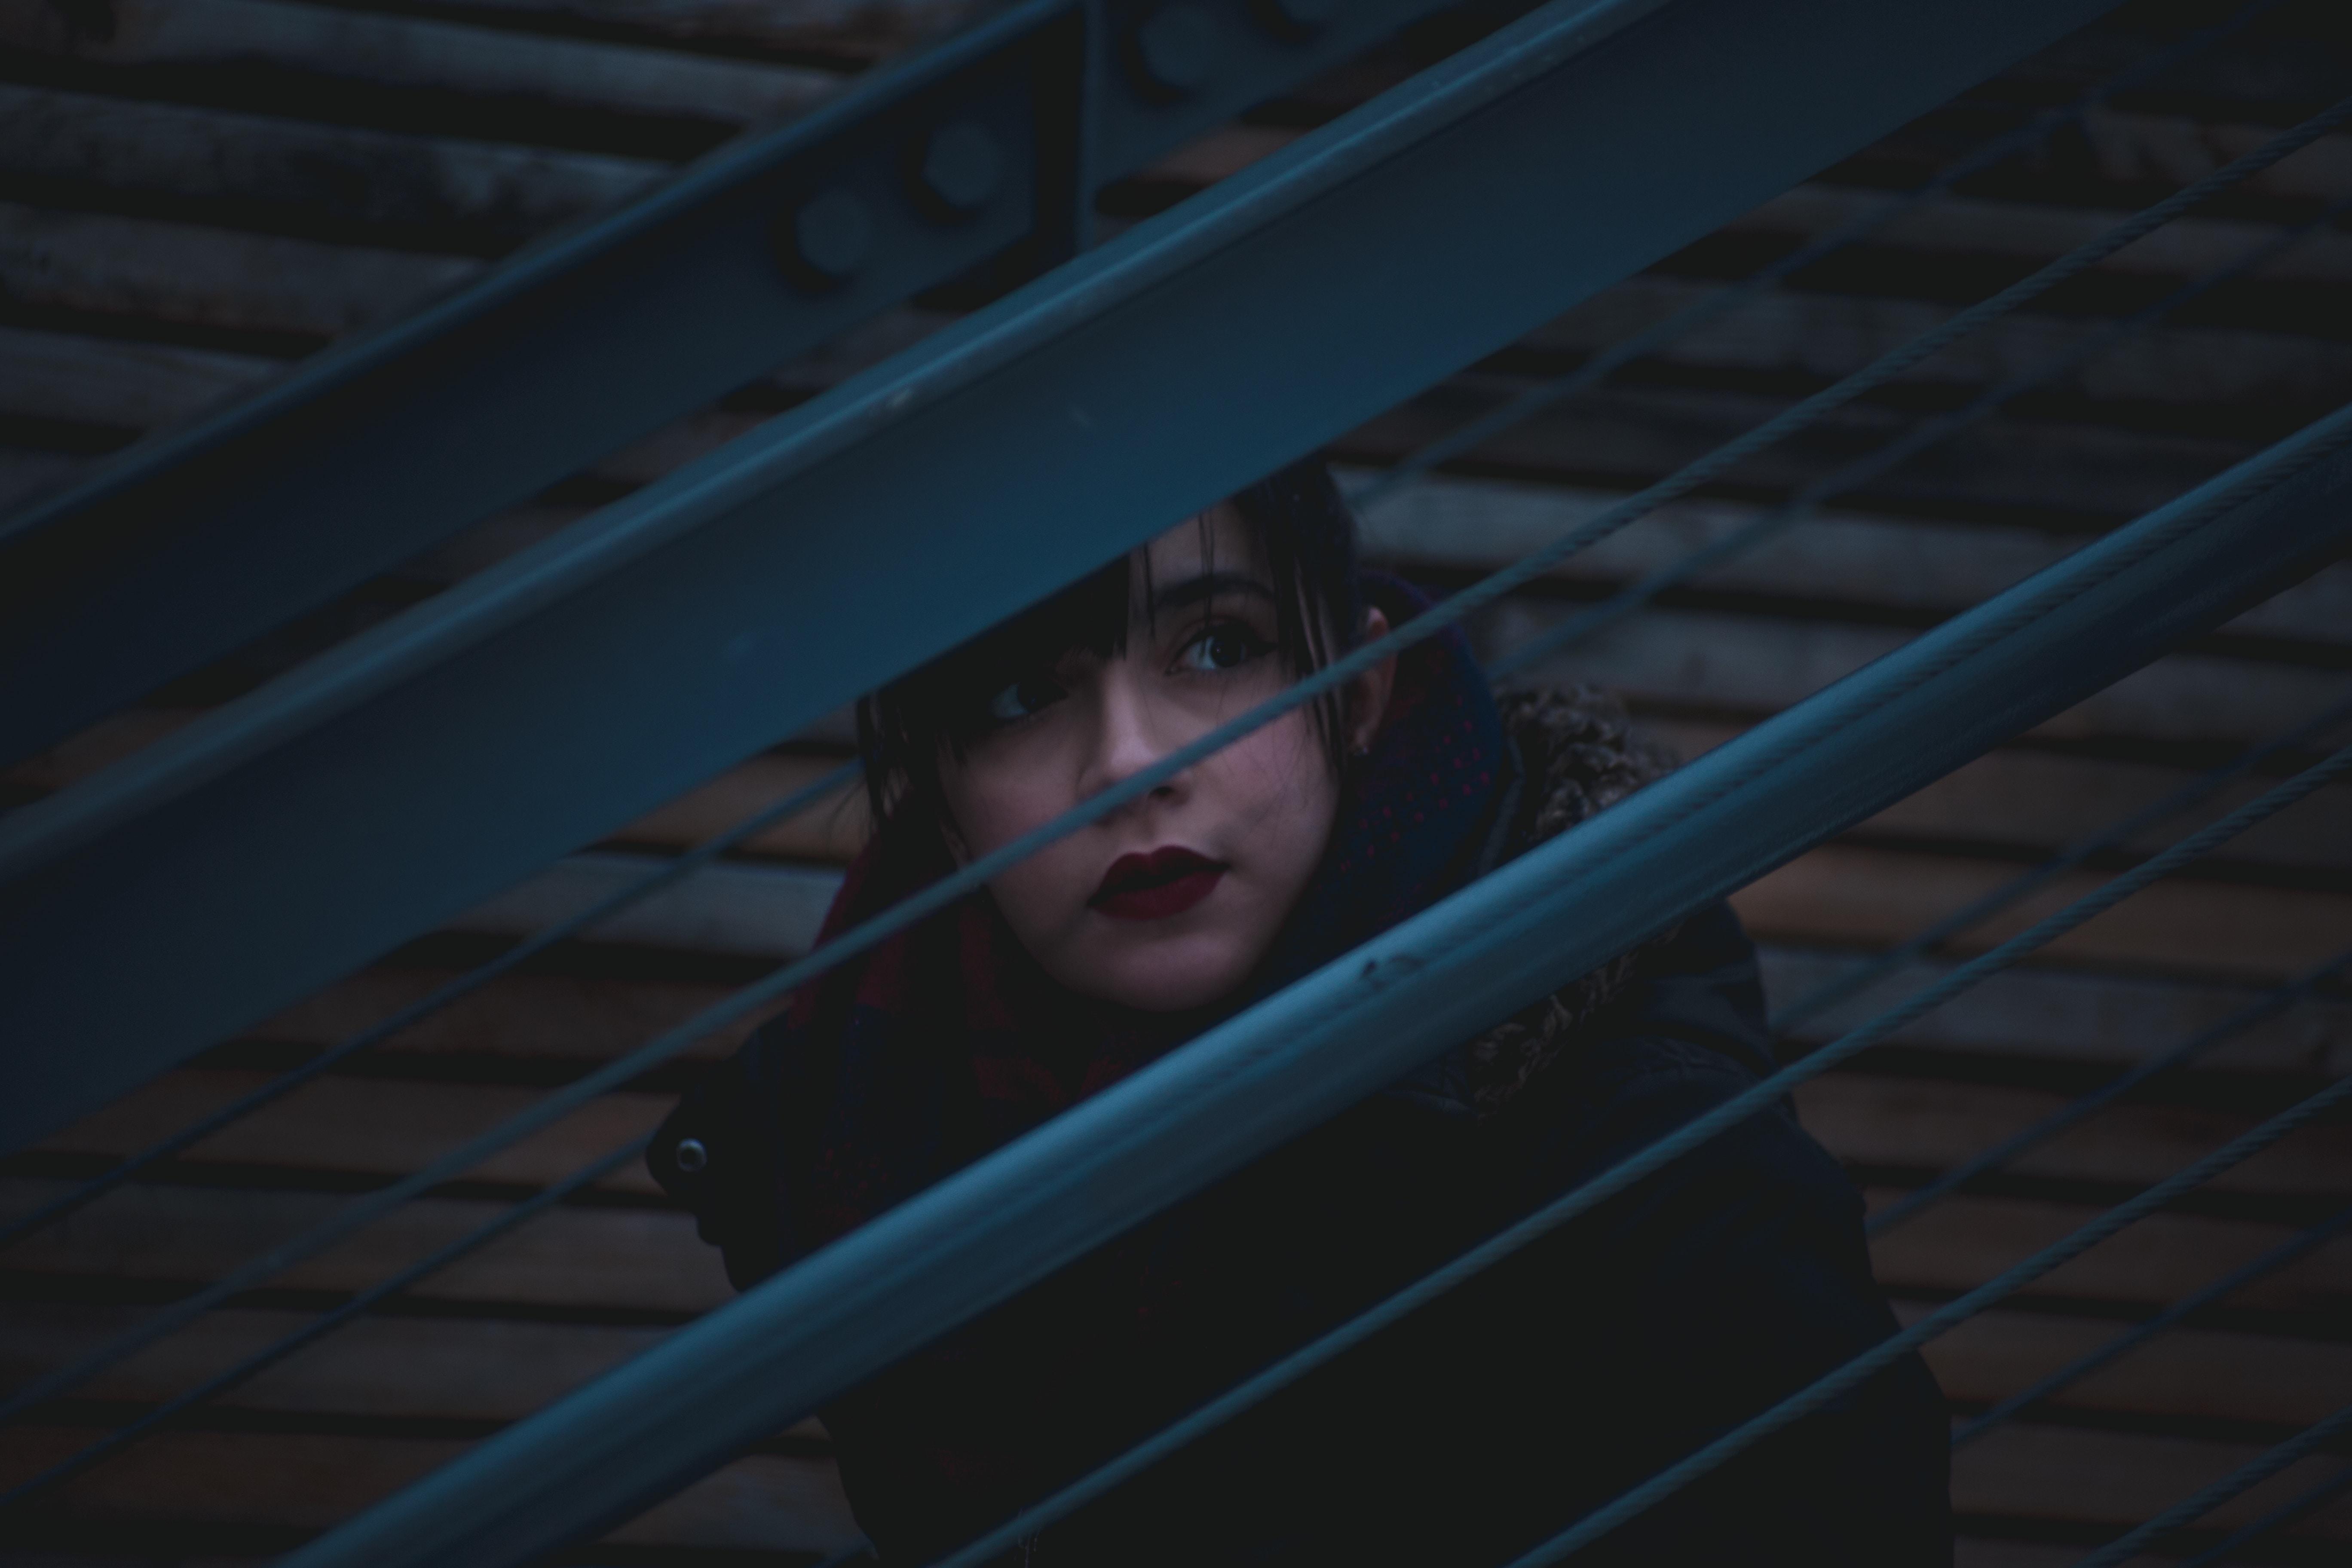 woman looking on window